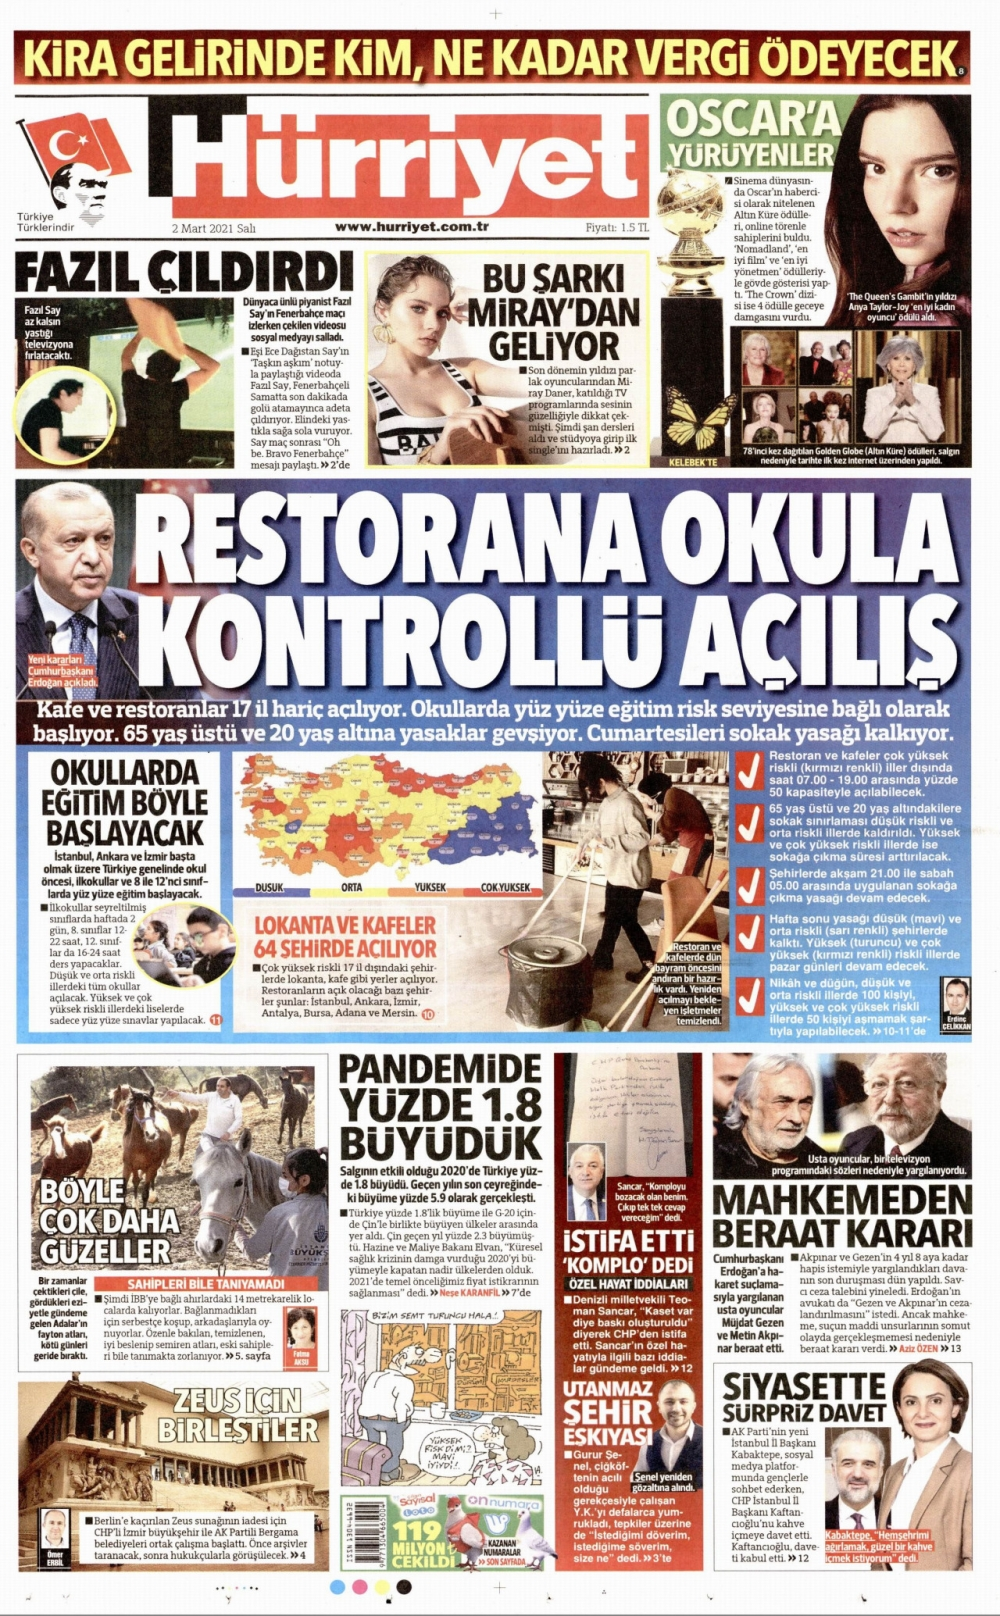 Günün Gazete Manşetleri 2 Mart 2021 Gazeteler Ne Diyor? 1